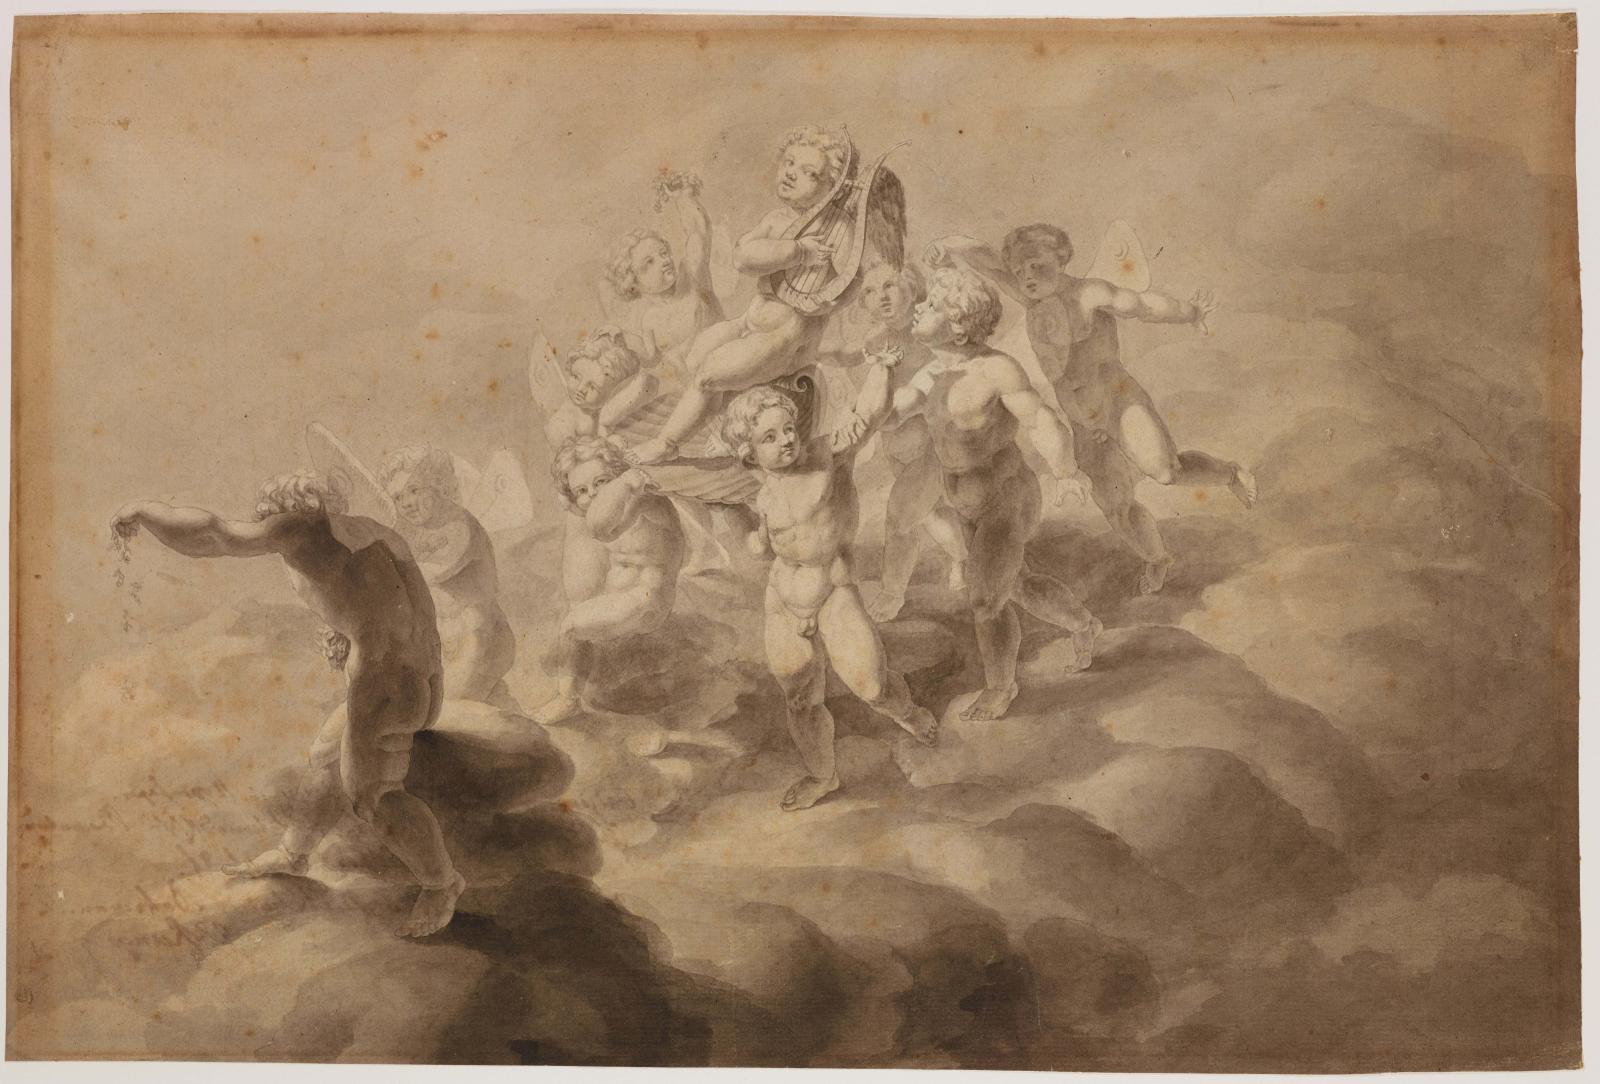 Philipp Otto Runge(1777-1810), LeTriomphe de l'Amour, 1800, plume, pinceau et encre grise (détail). ©Collection particulière ©Photo Johannes vonM